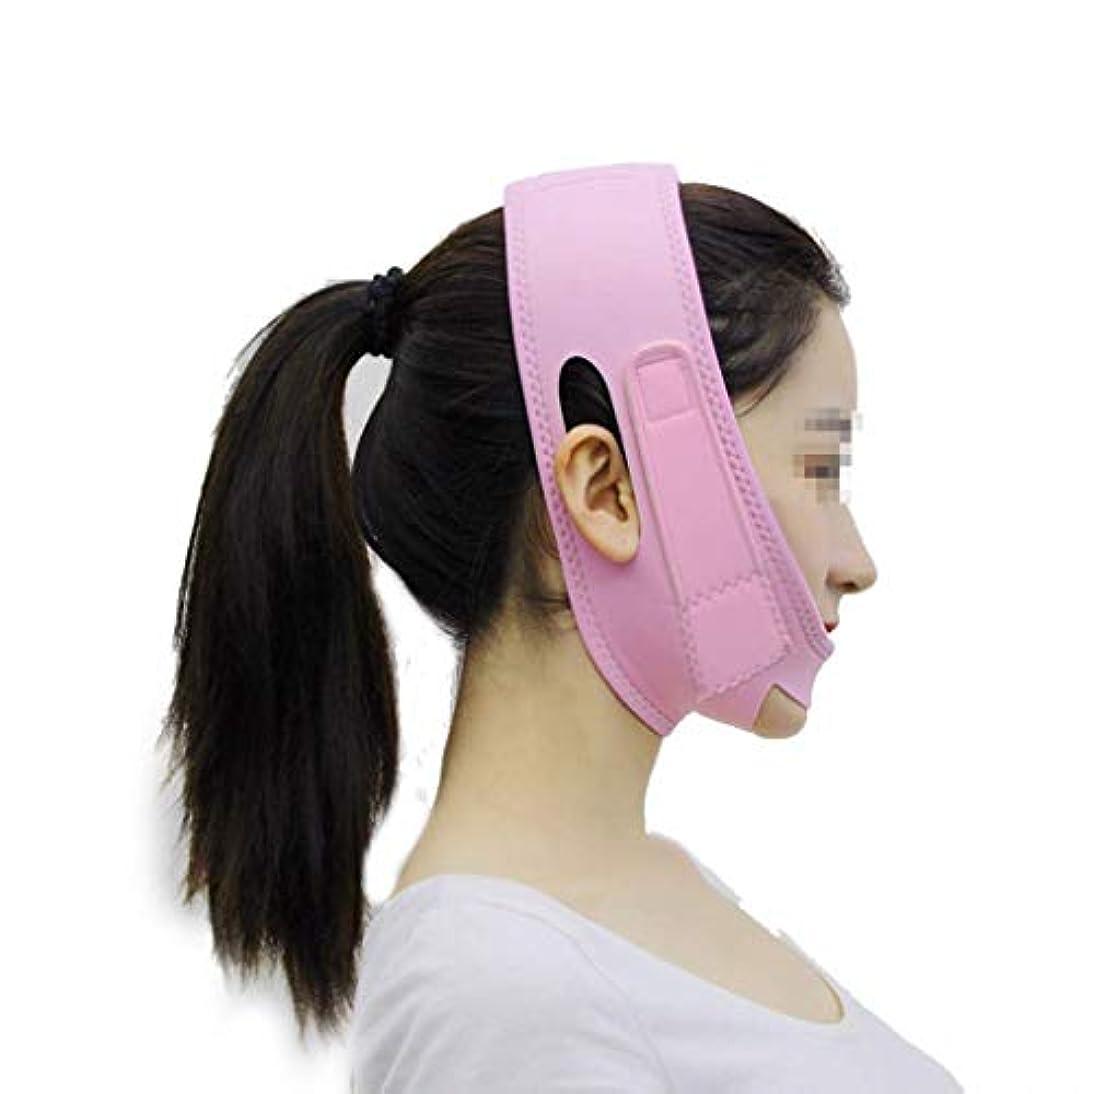 シンプルさクラシカル関係するスリーピングフェイスマスク、ライン彫刻形状で包帯包帯ツールV顔にダブルチンピンク